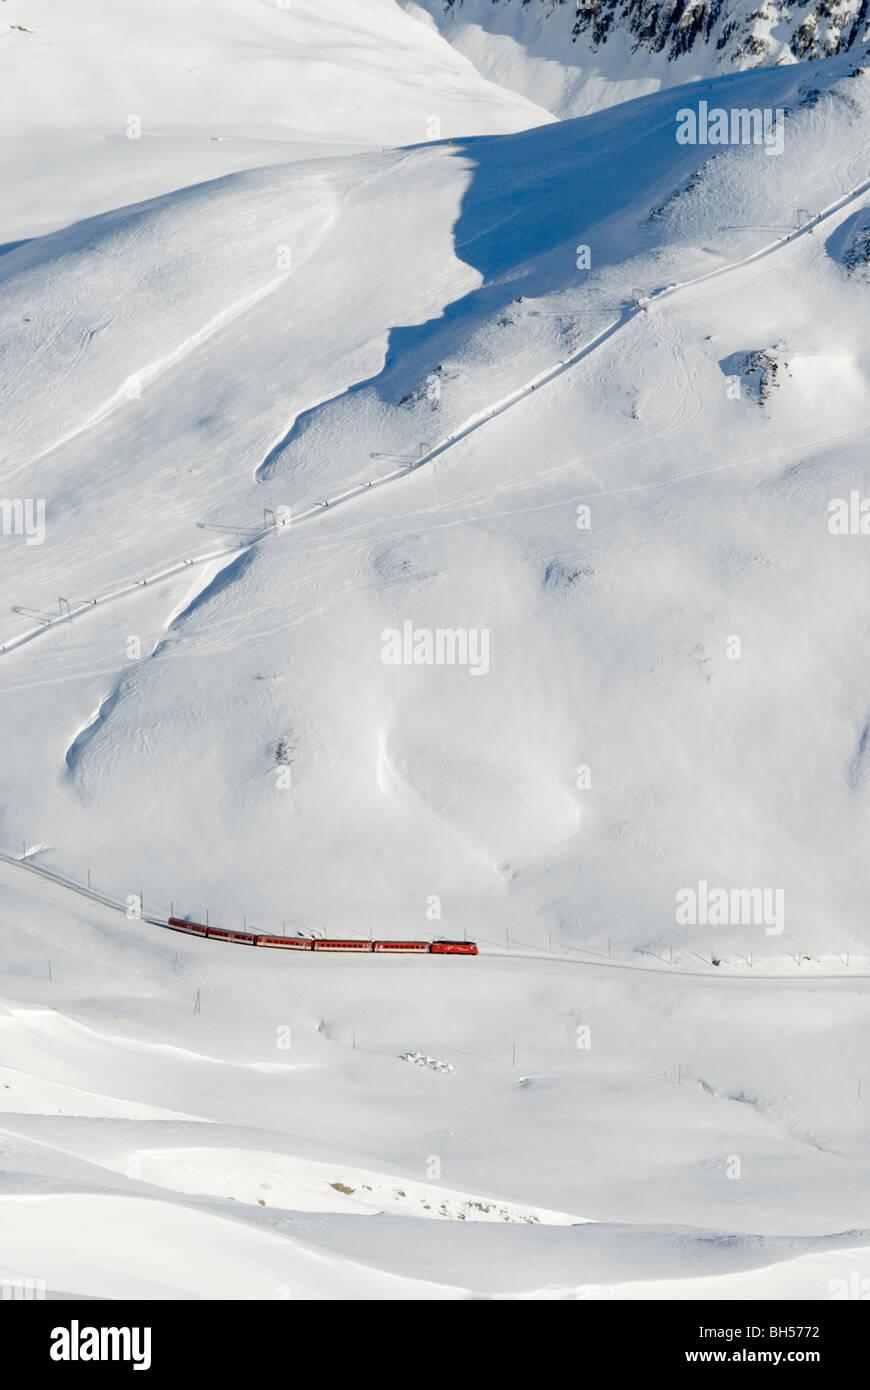 Matterhorn-Gotthard-Bahn train at Oberalppass, Uri, Switzerland - Stock Image